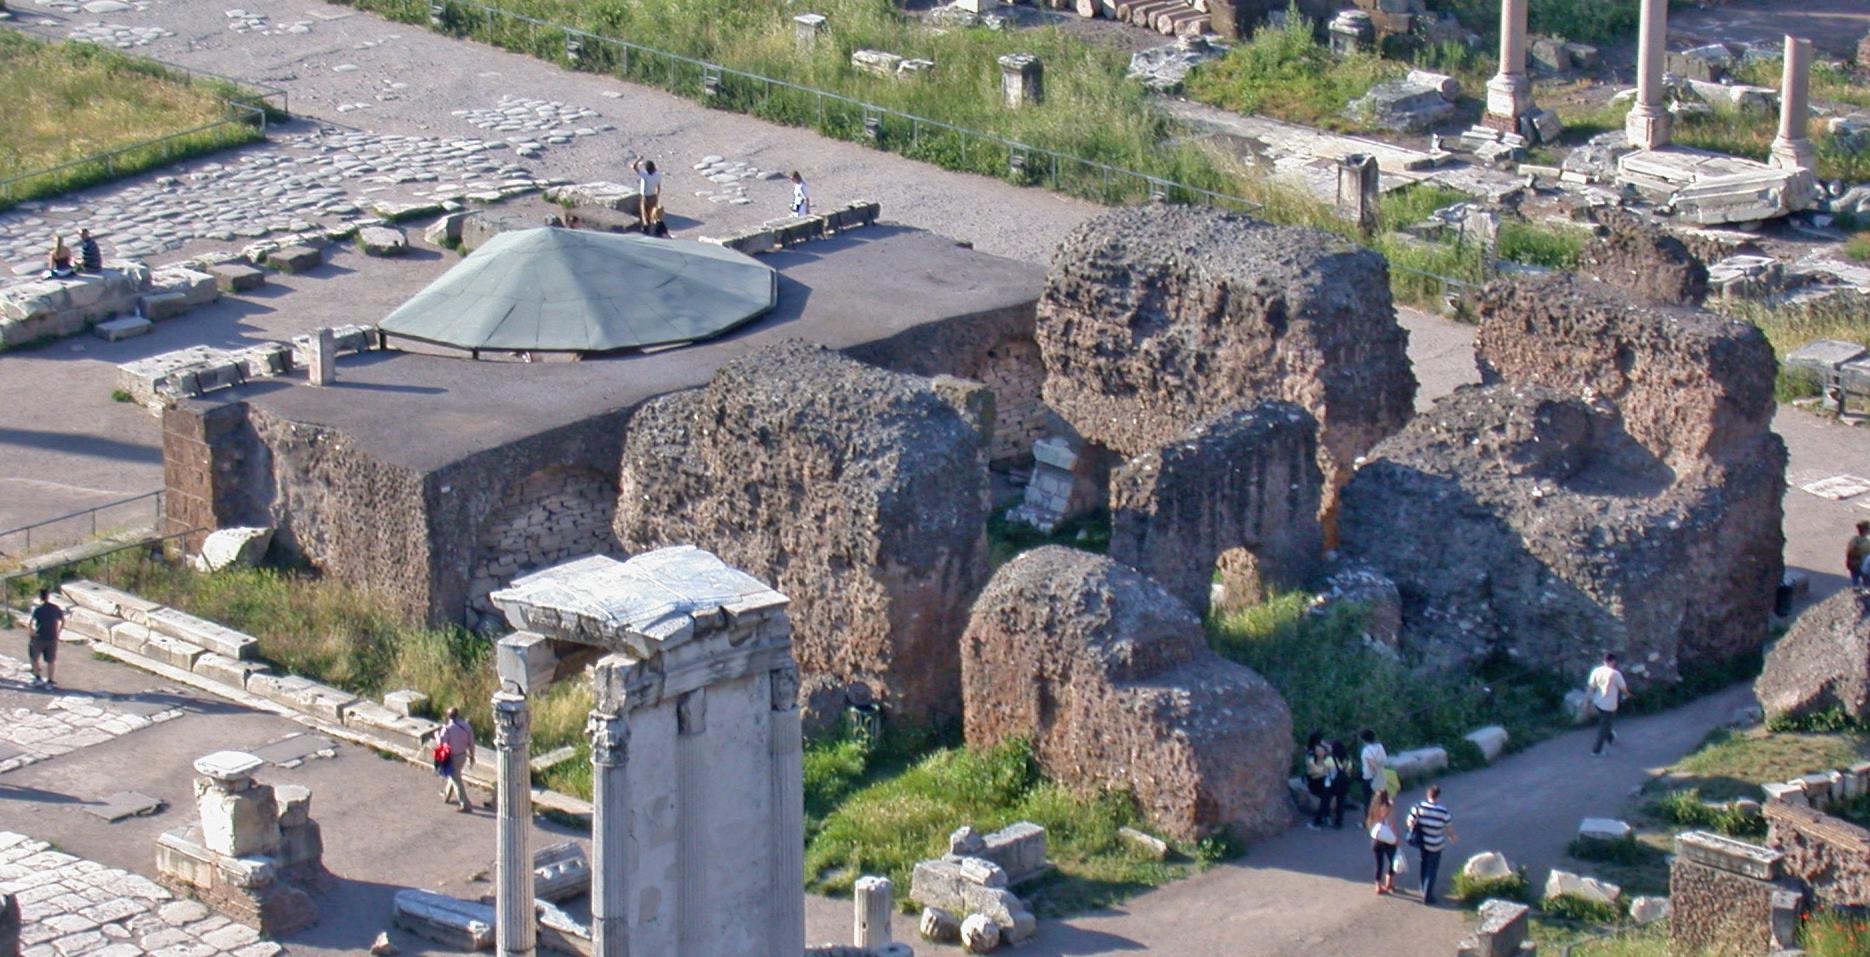 The Temple of Divus Iulius